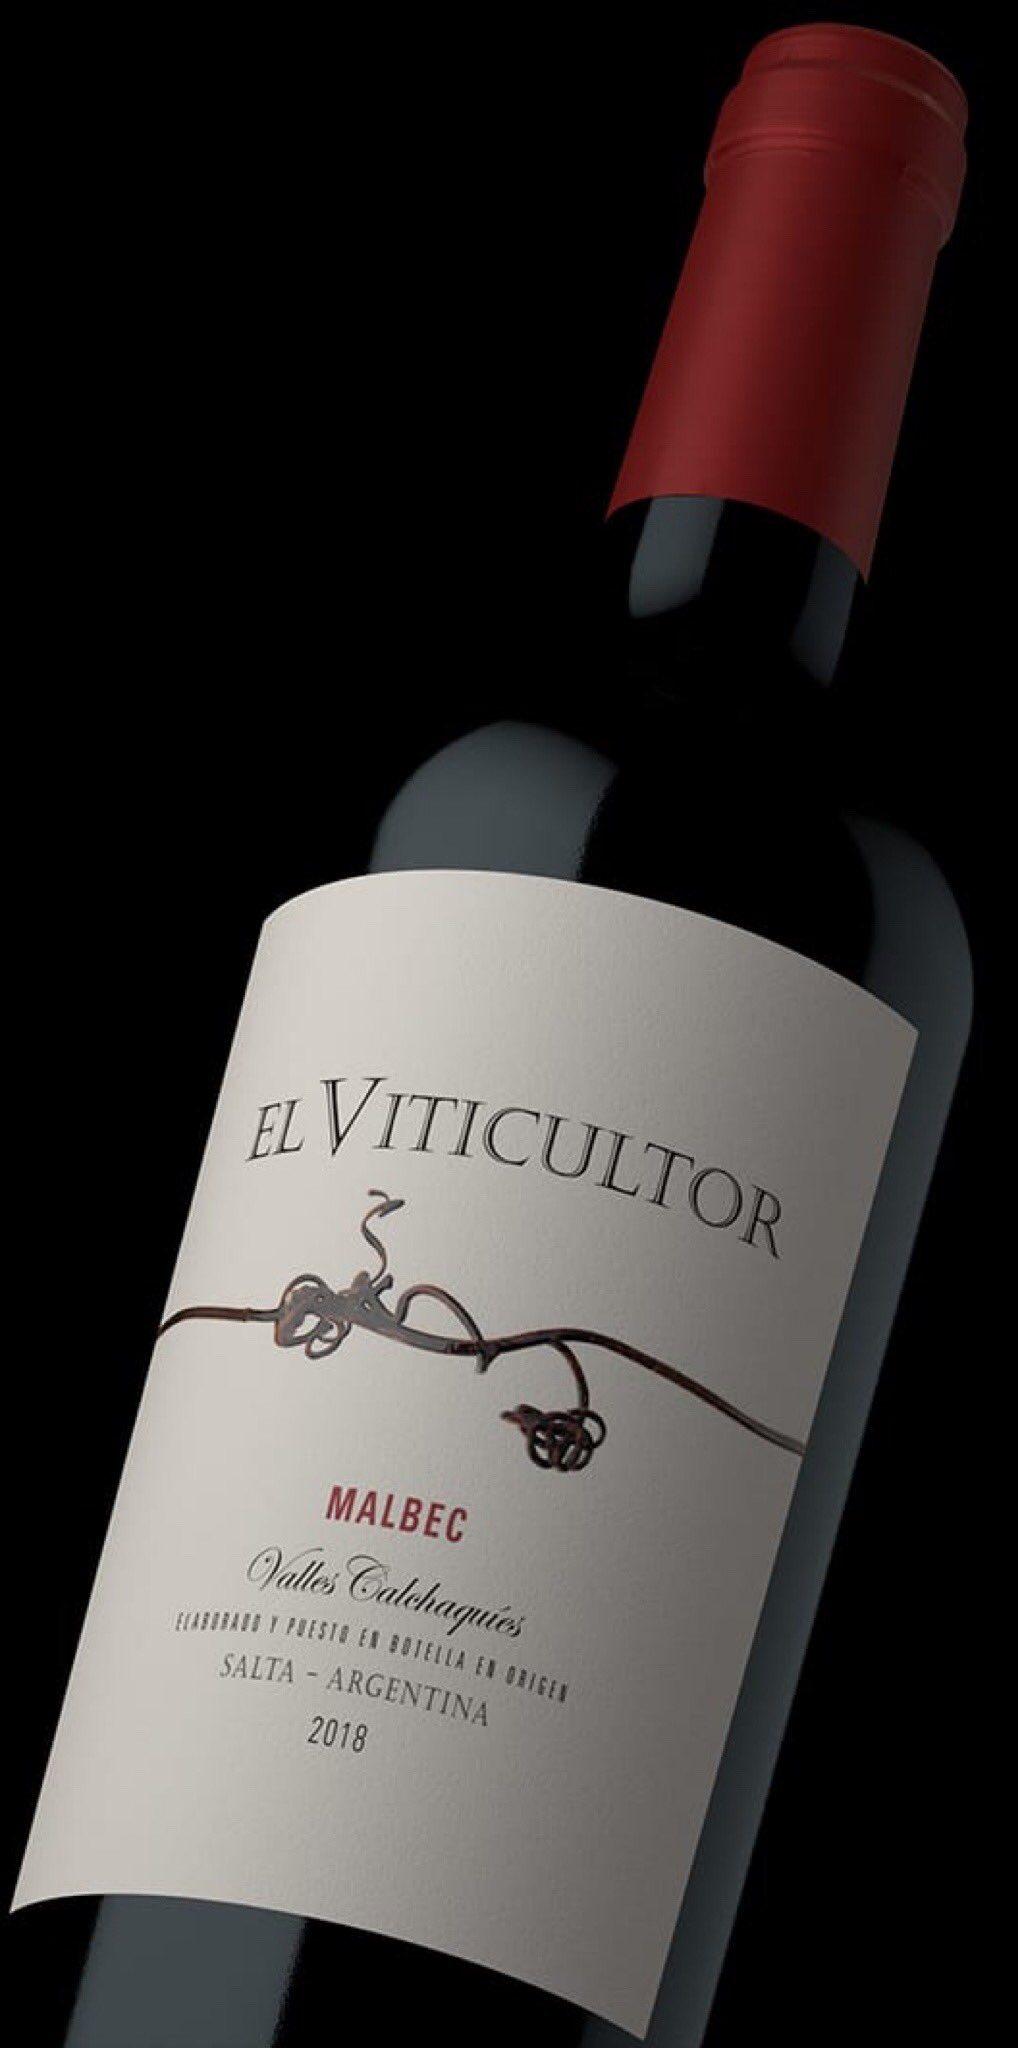 el viticultor malbec